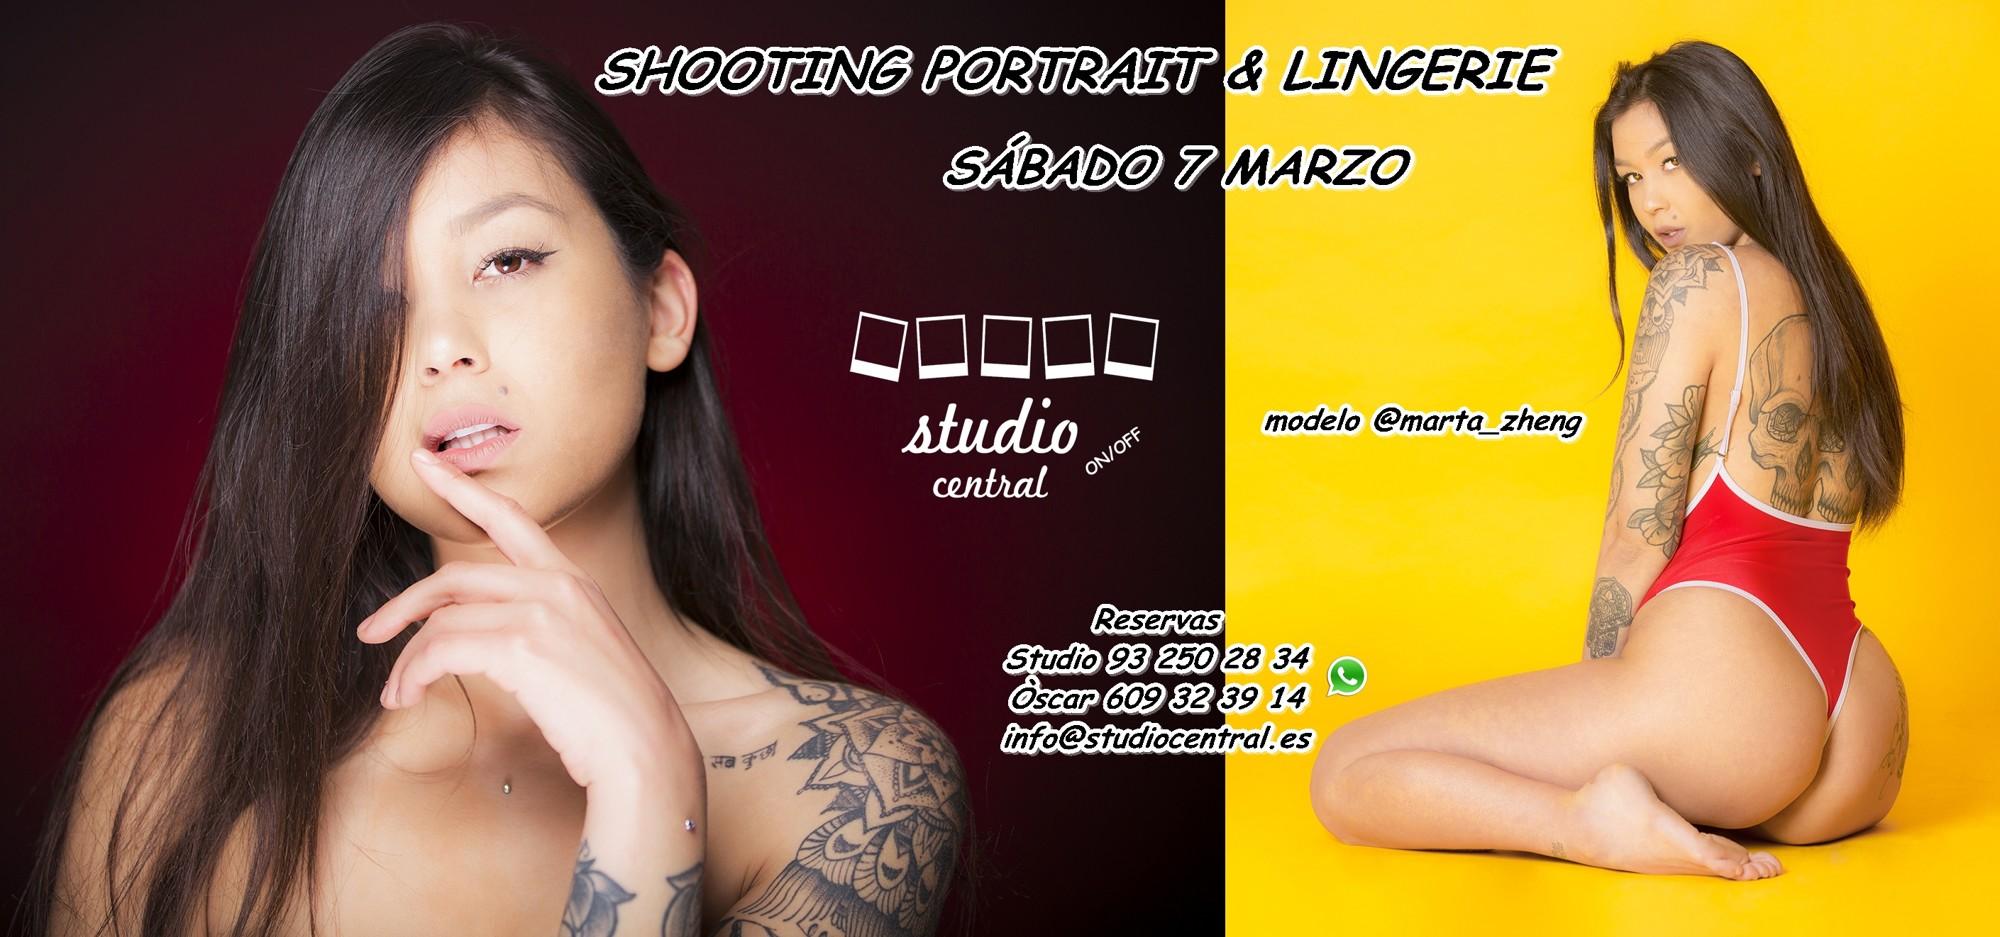 Shooting 7 Marzo 2020